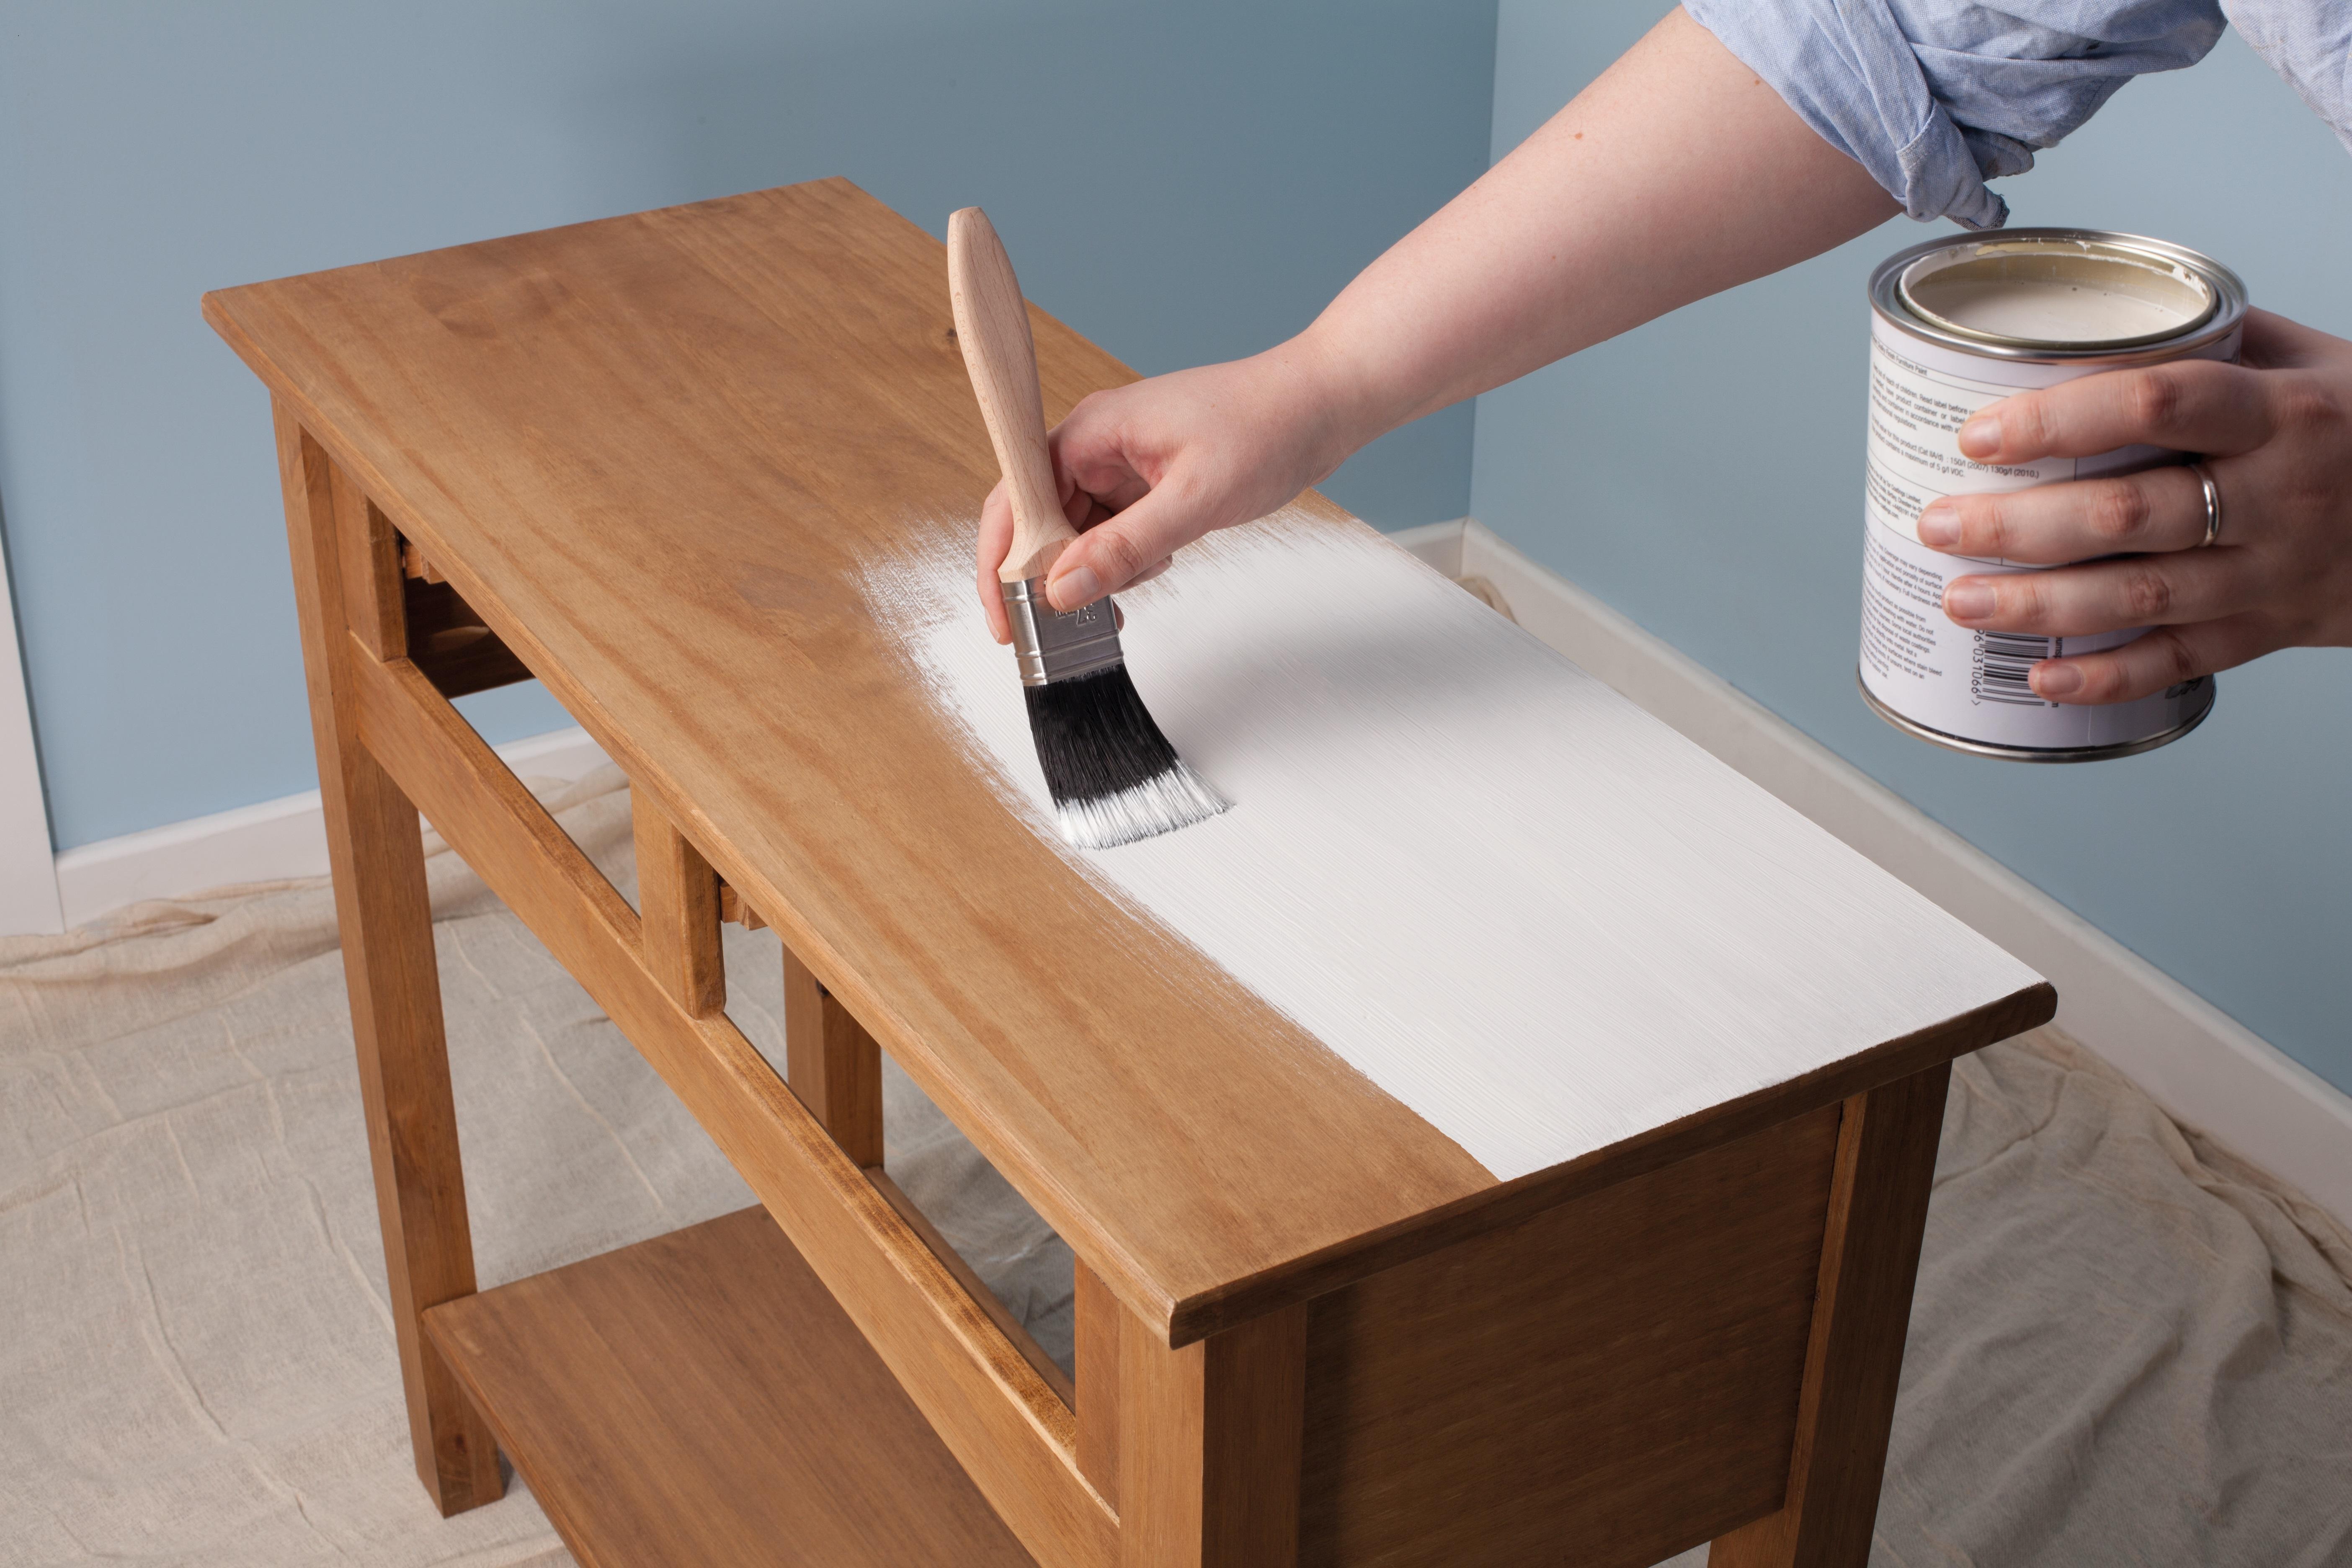 peinture al eponge sur meuble photos de conception de